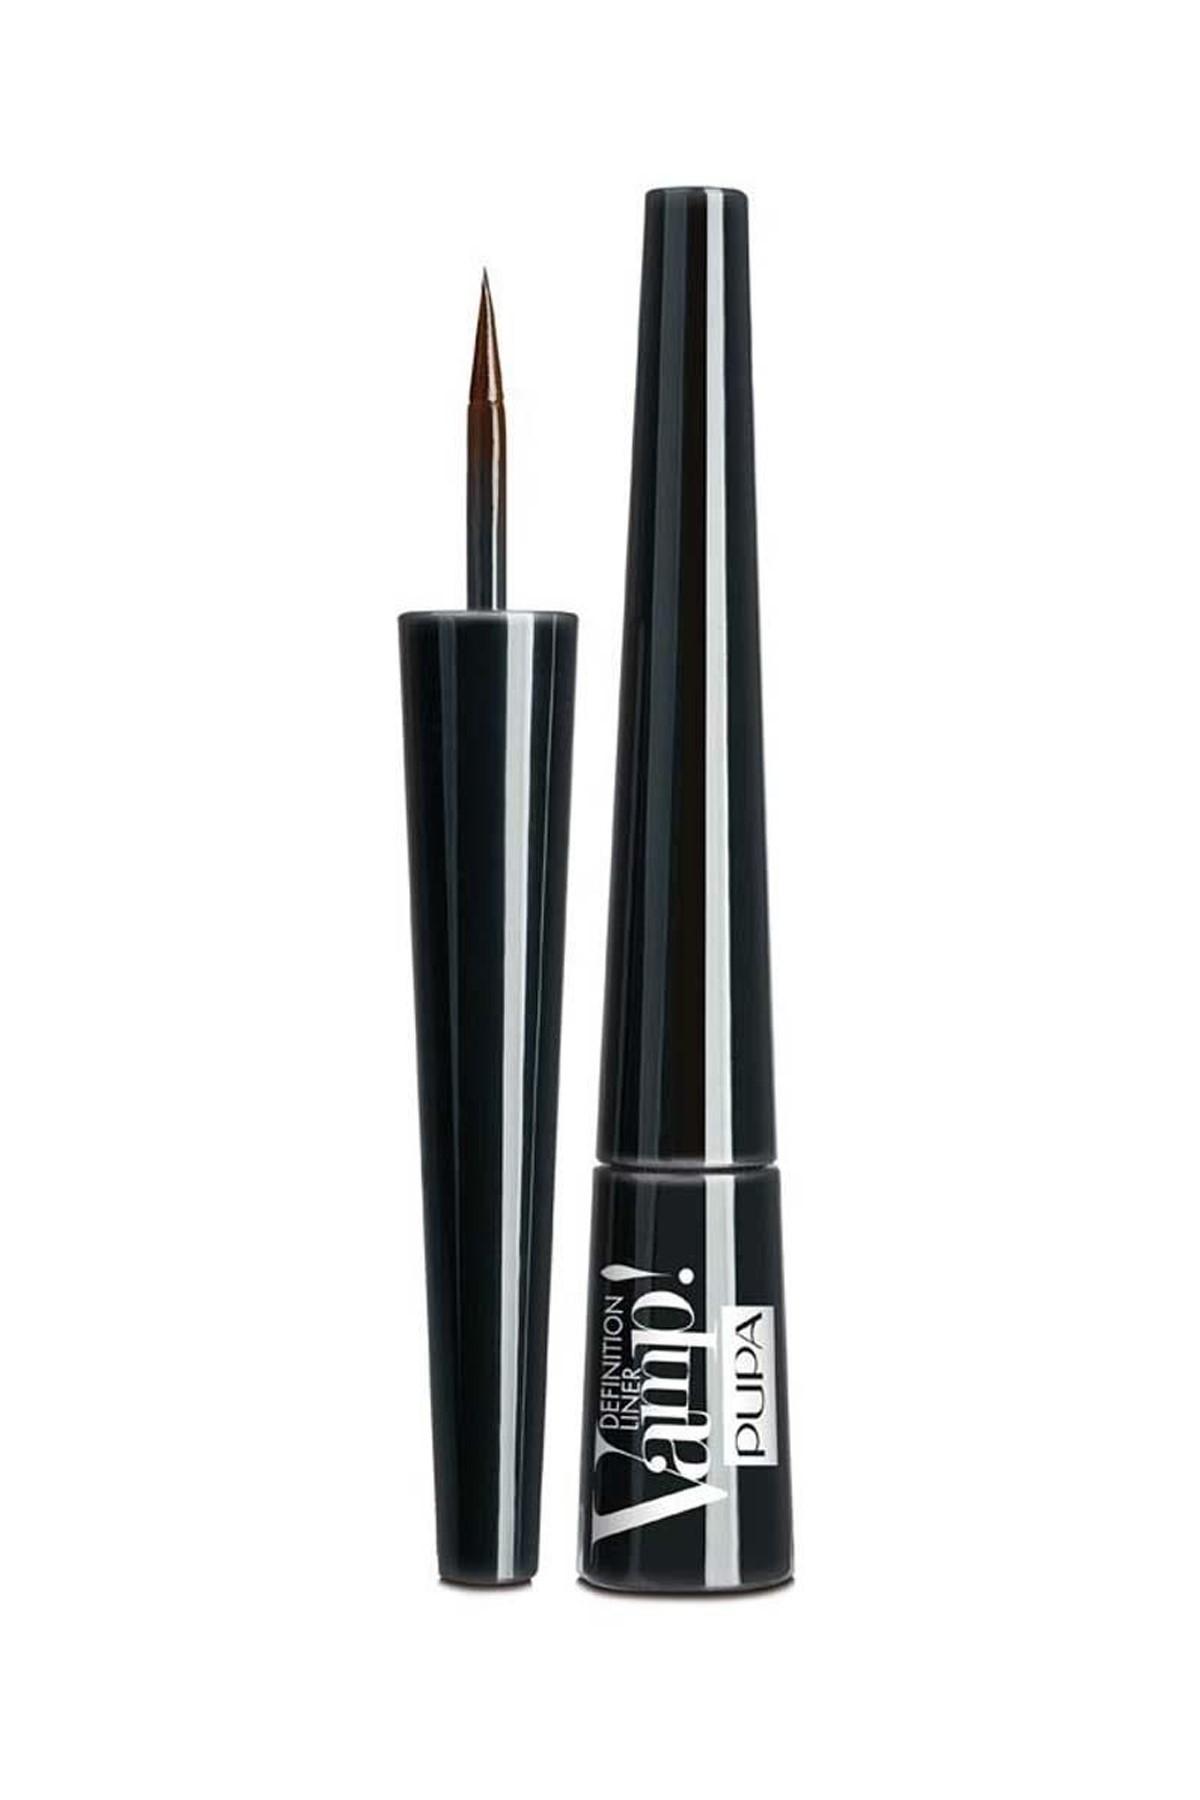 Pupa Milano Eyeliner - Vamp Definition Liner Eyeliner No: 100 2.5 ml 8011607205899 1